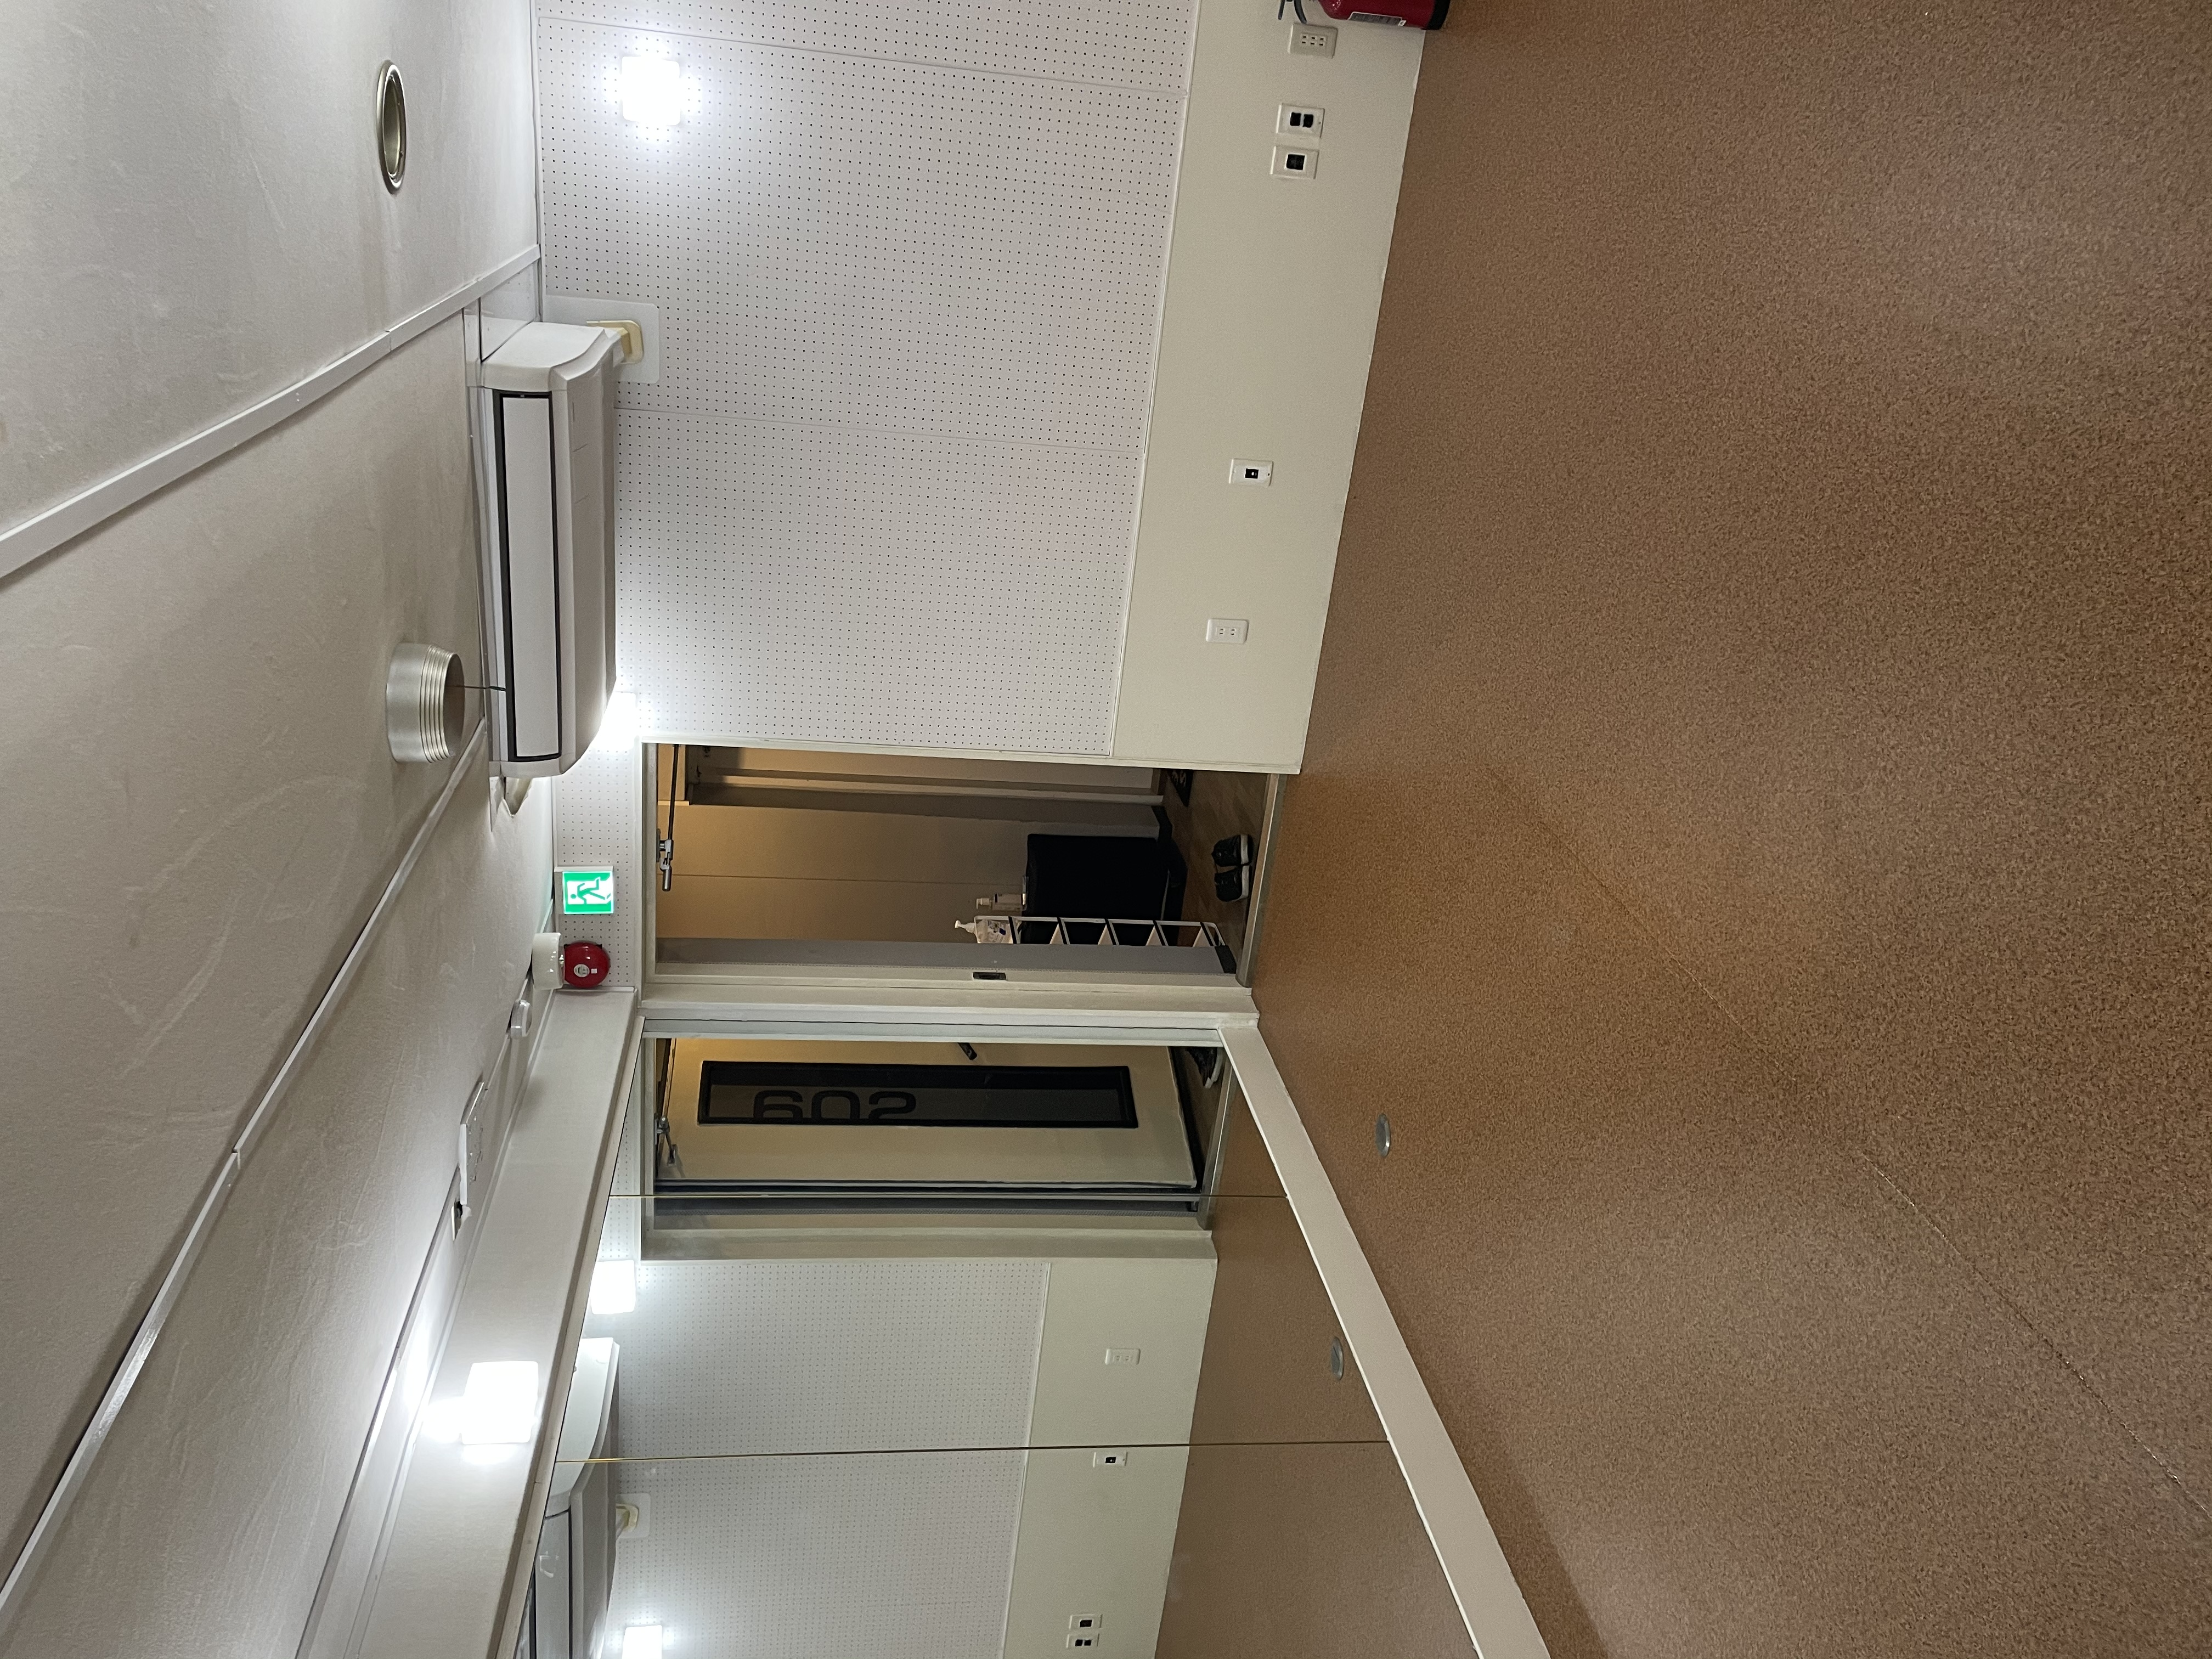 防音のお部屋になります。 - MIBビル 602号室 レンタルスタジオ602号室の室内の写真